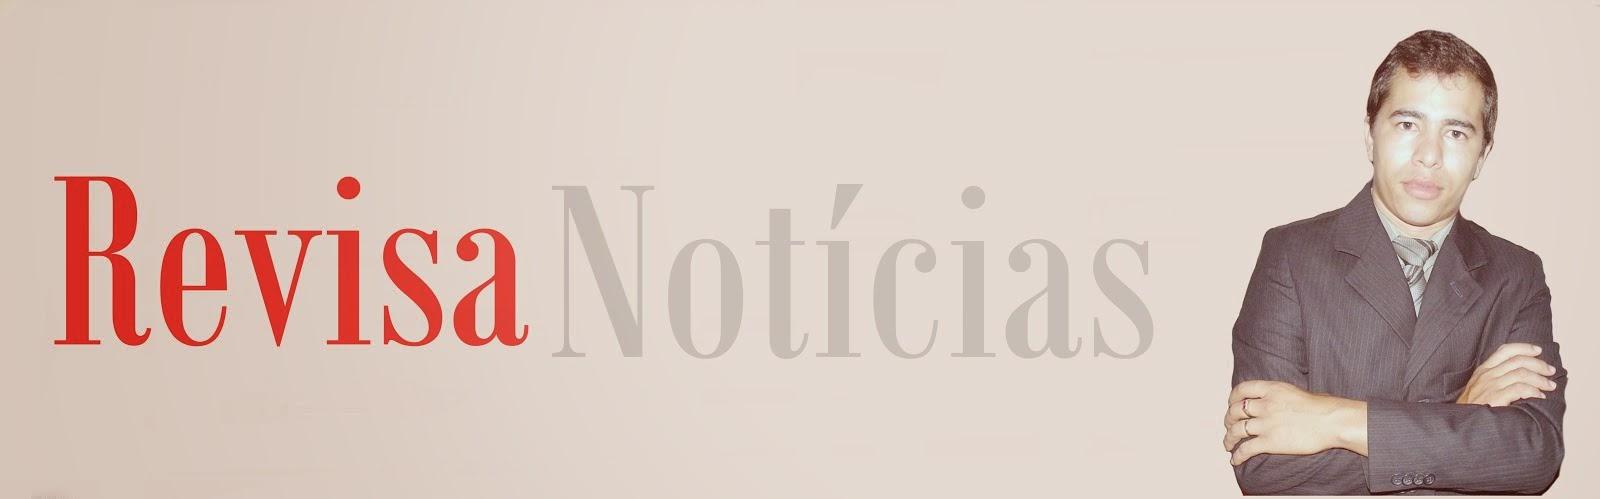 Revisa Notícias